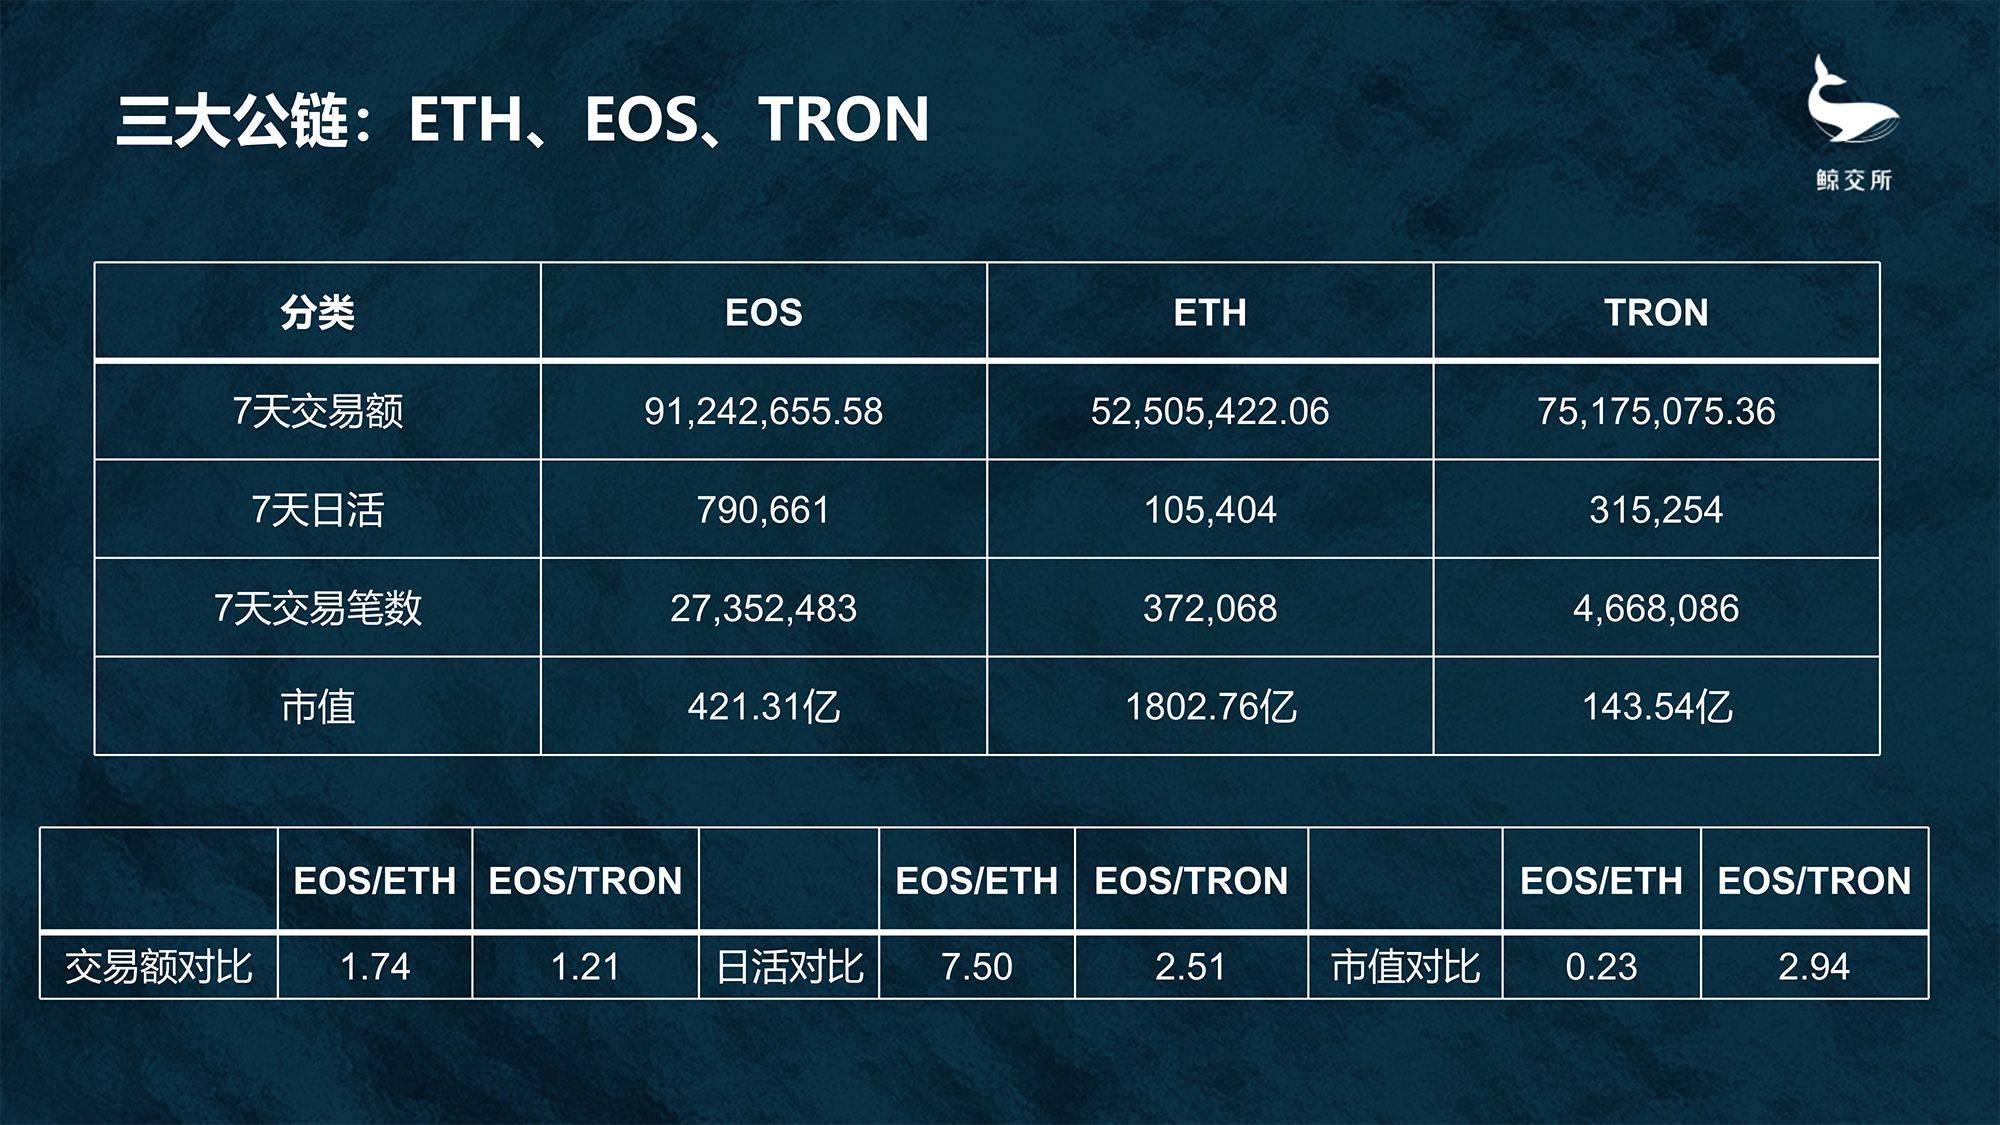 EOS数据周报:价格继续震荡,生态数据保持领先